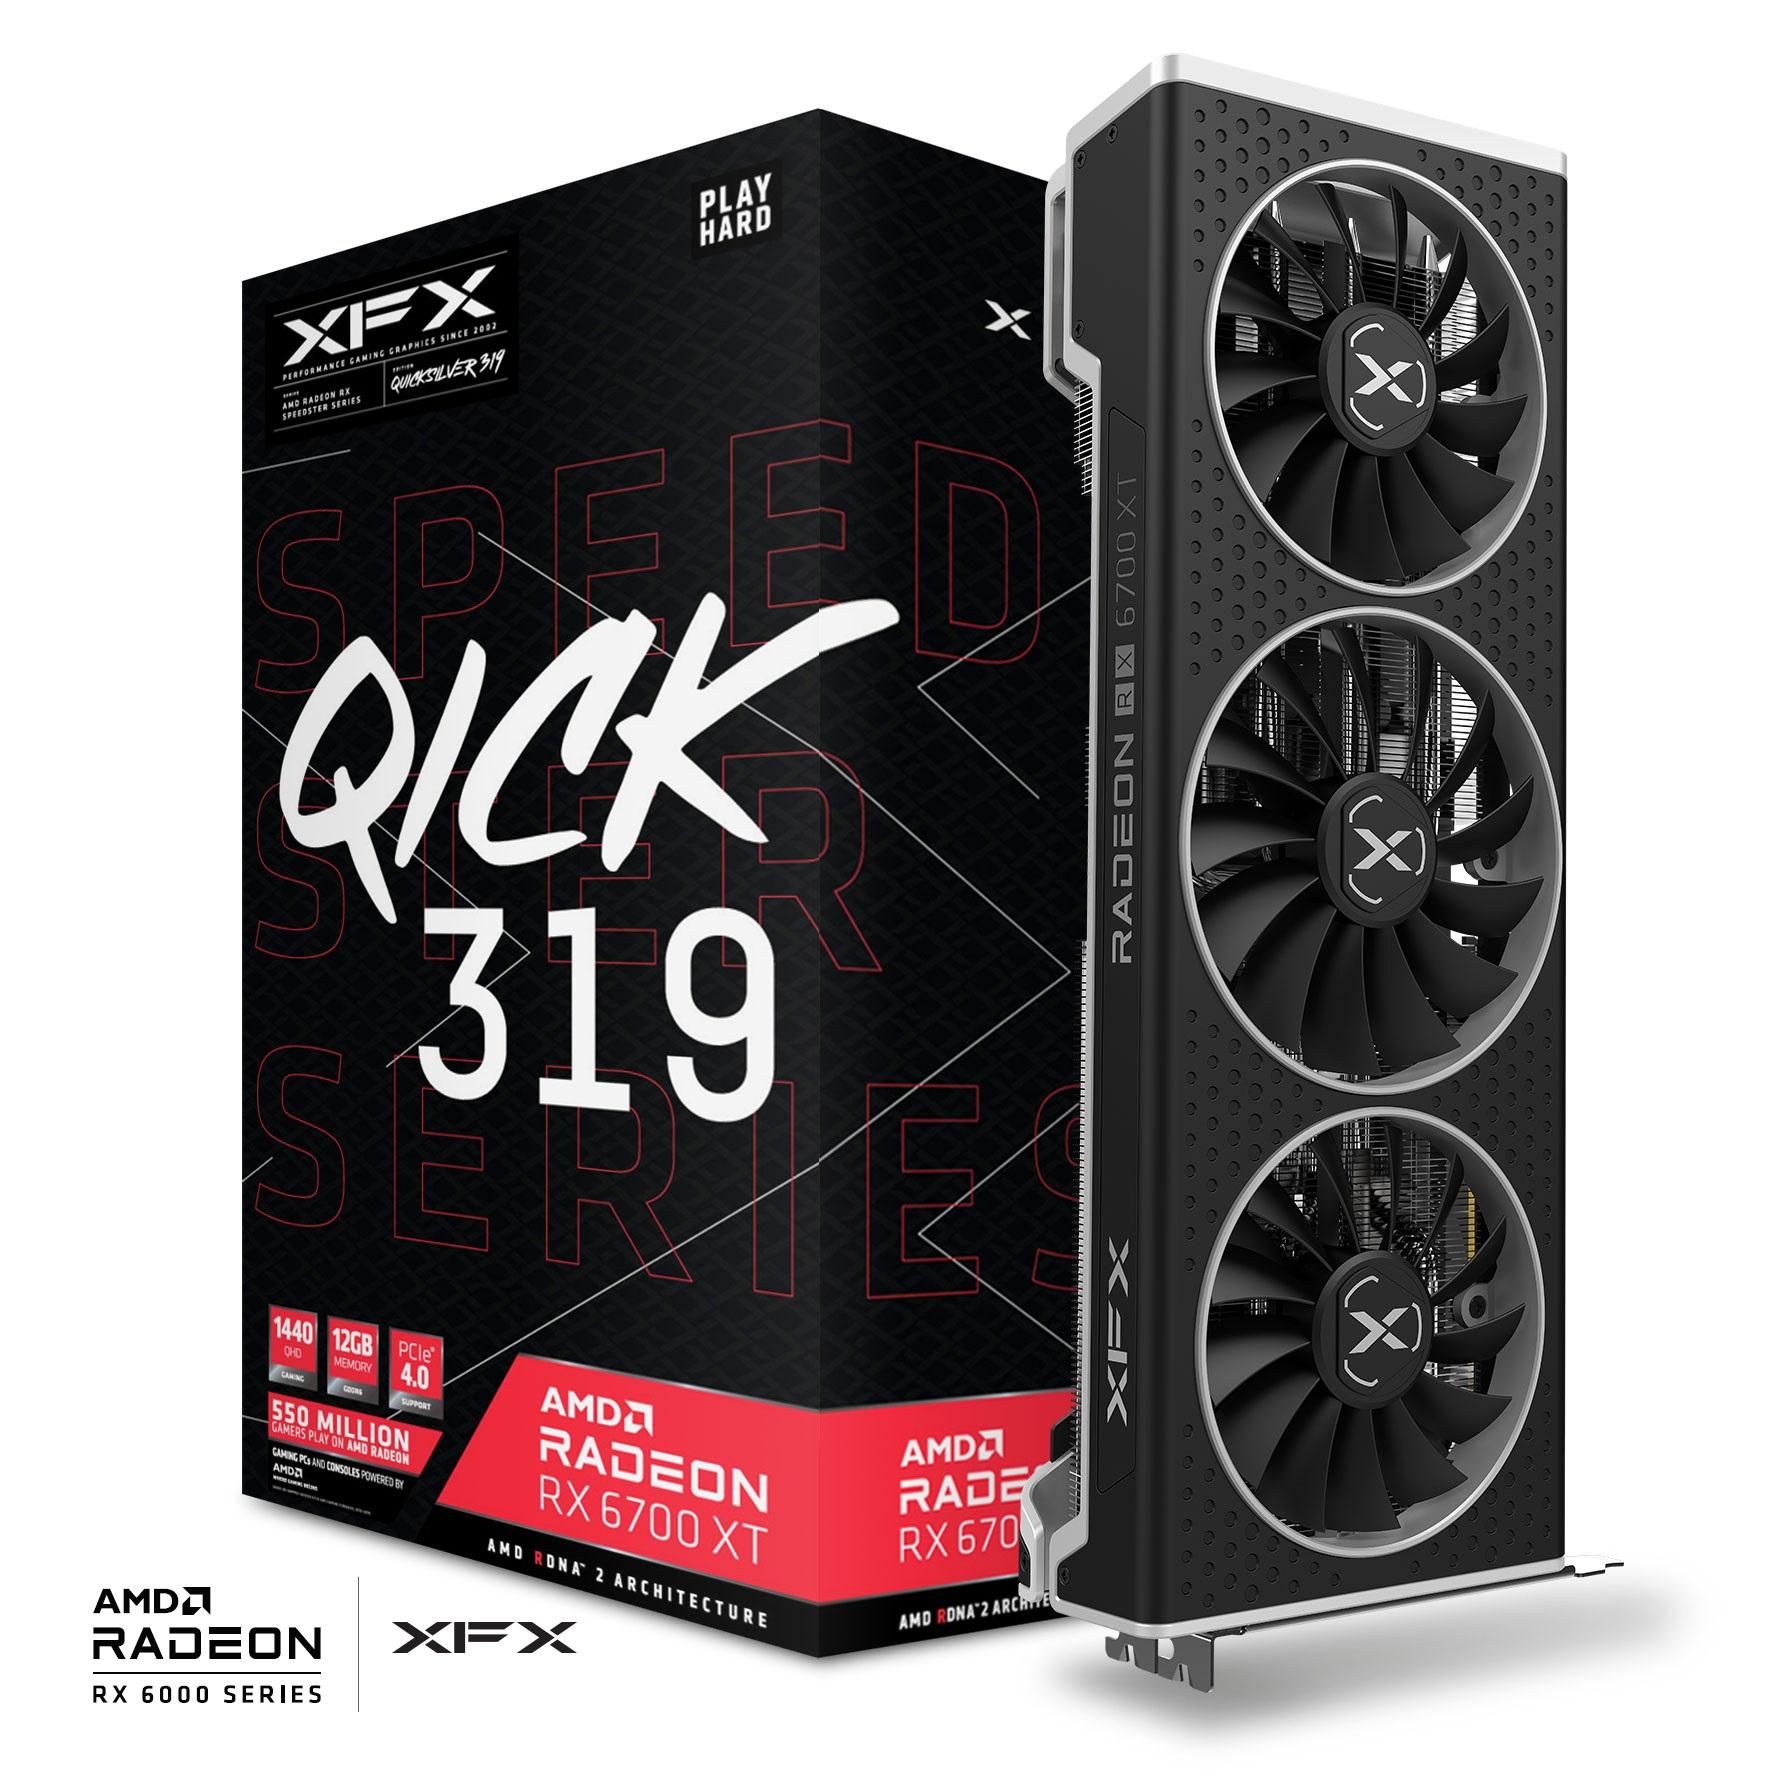 XFX RX-67XTYPUDP RX6700XT QICK319 / ULTRA 12GB GDDR6 192Bit 3xDP/1xHDMI PCI-E 4.0